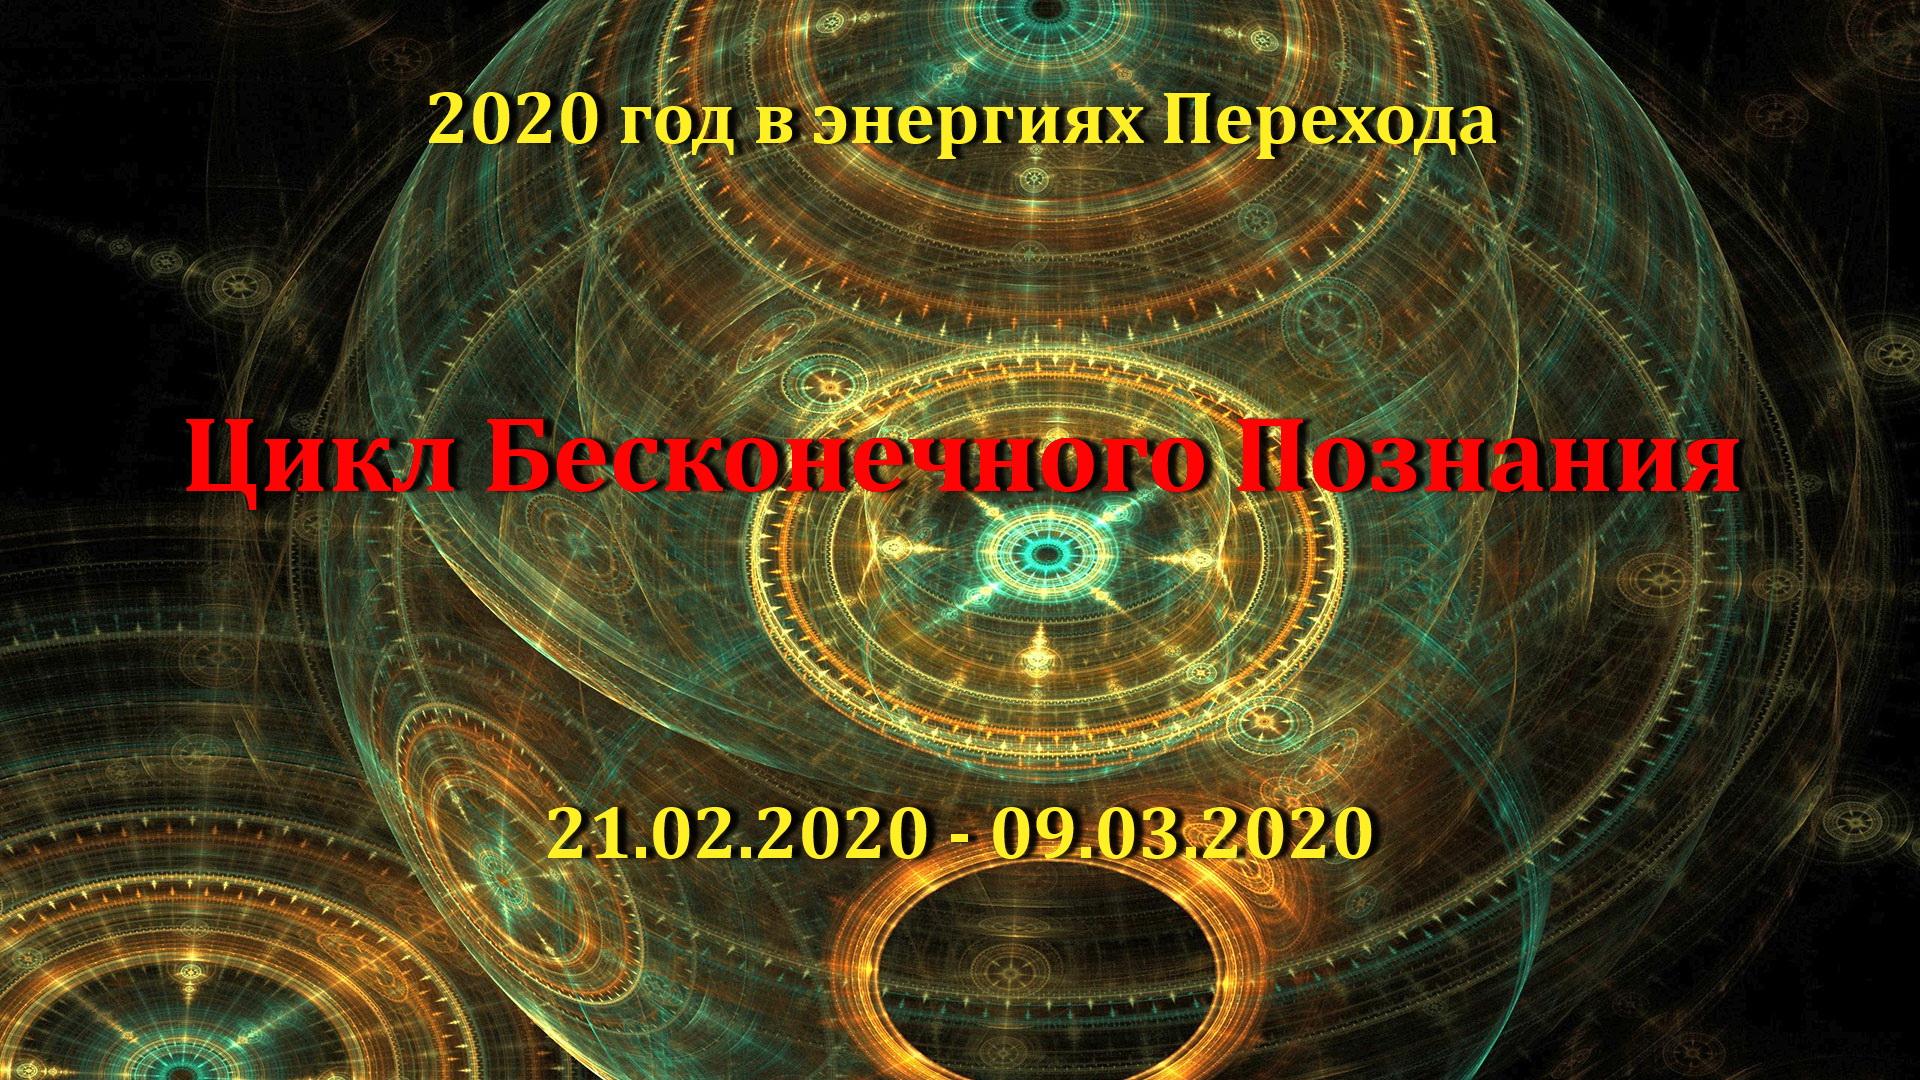 8-й цикл завершения 2020 года в энергиях Перехода